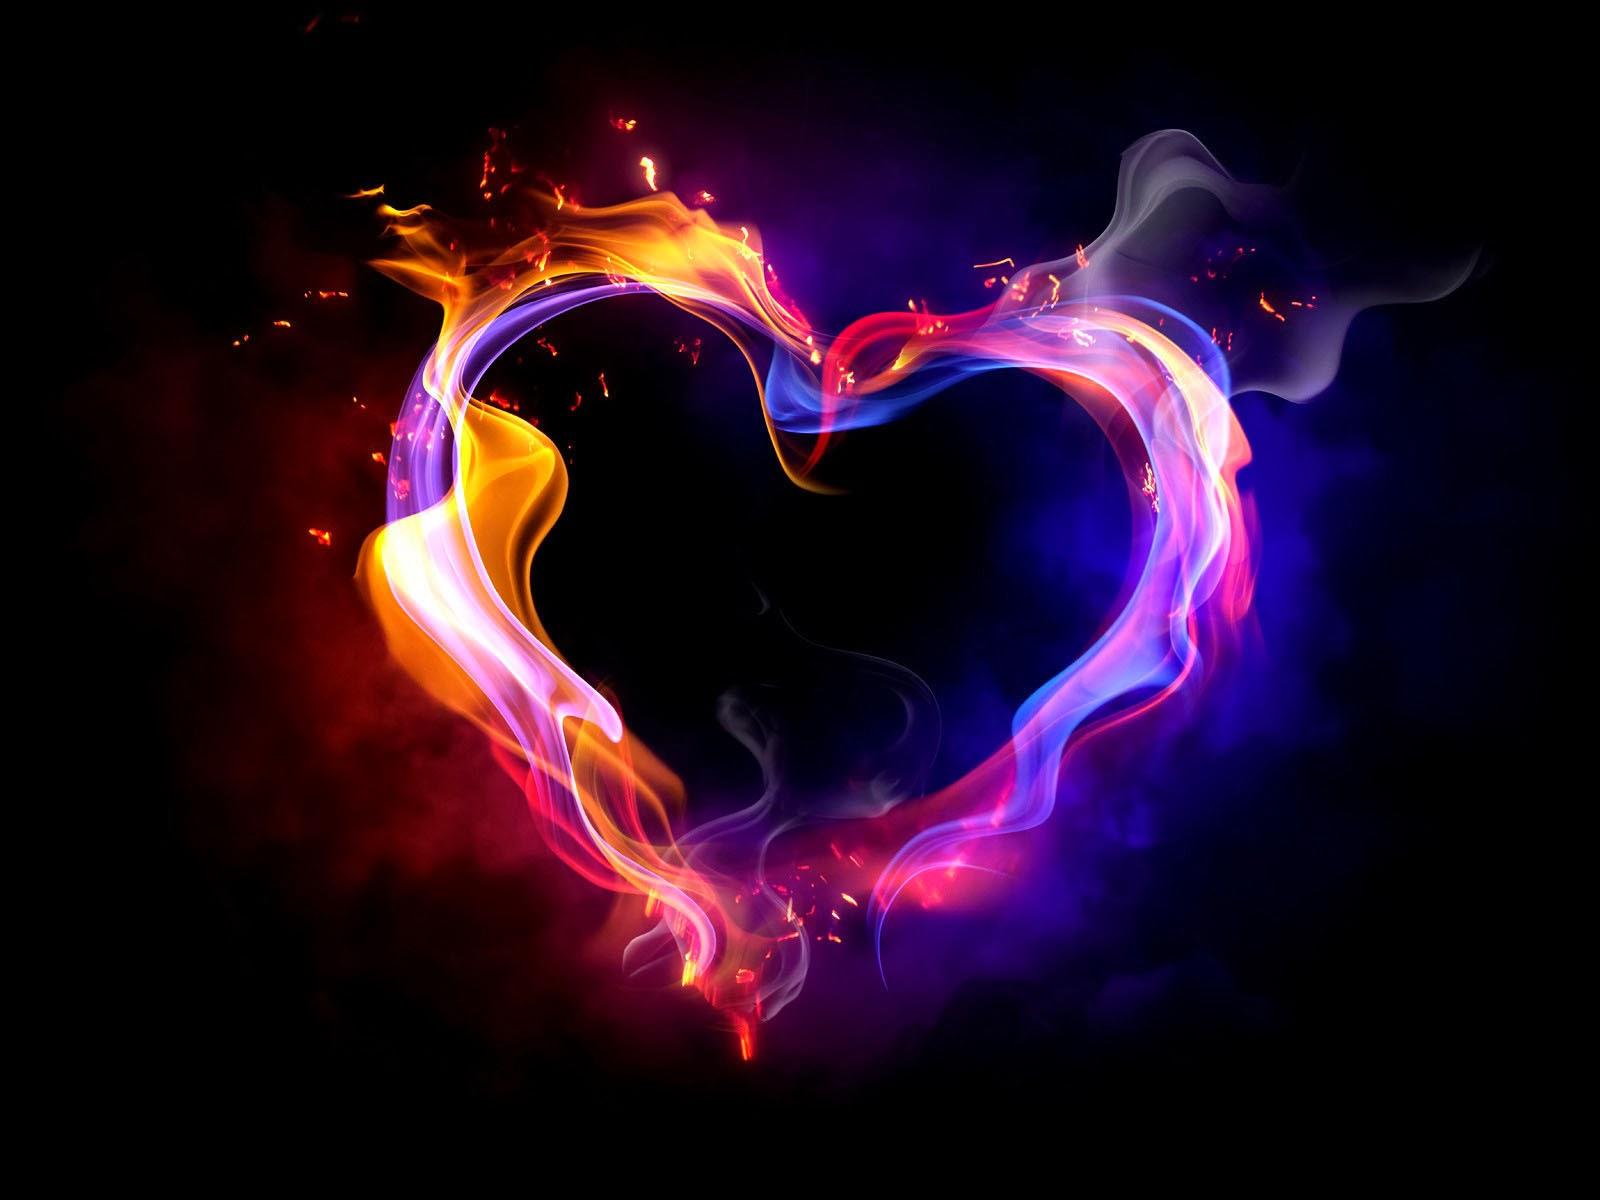 Hình nền trái tim lửa sặc sỡ